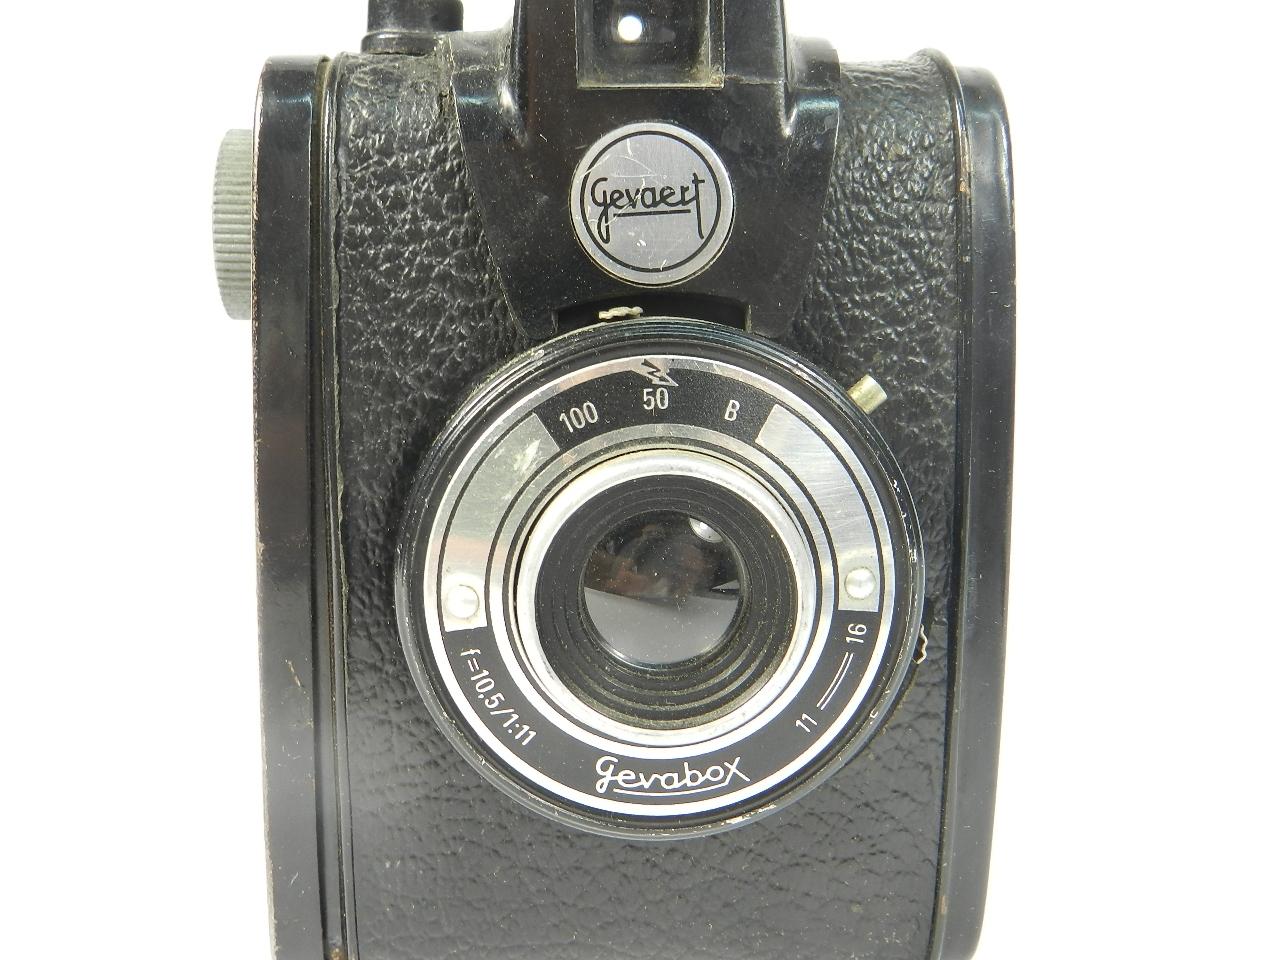 Imagen GEVAERT GEVABOX AÑO 1950 37907